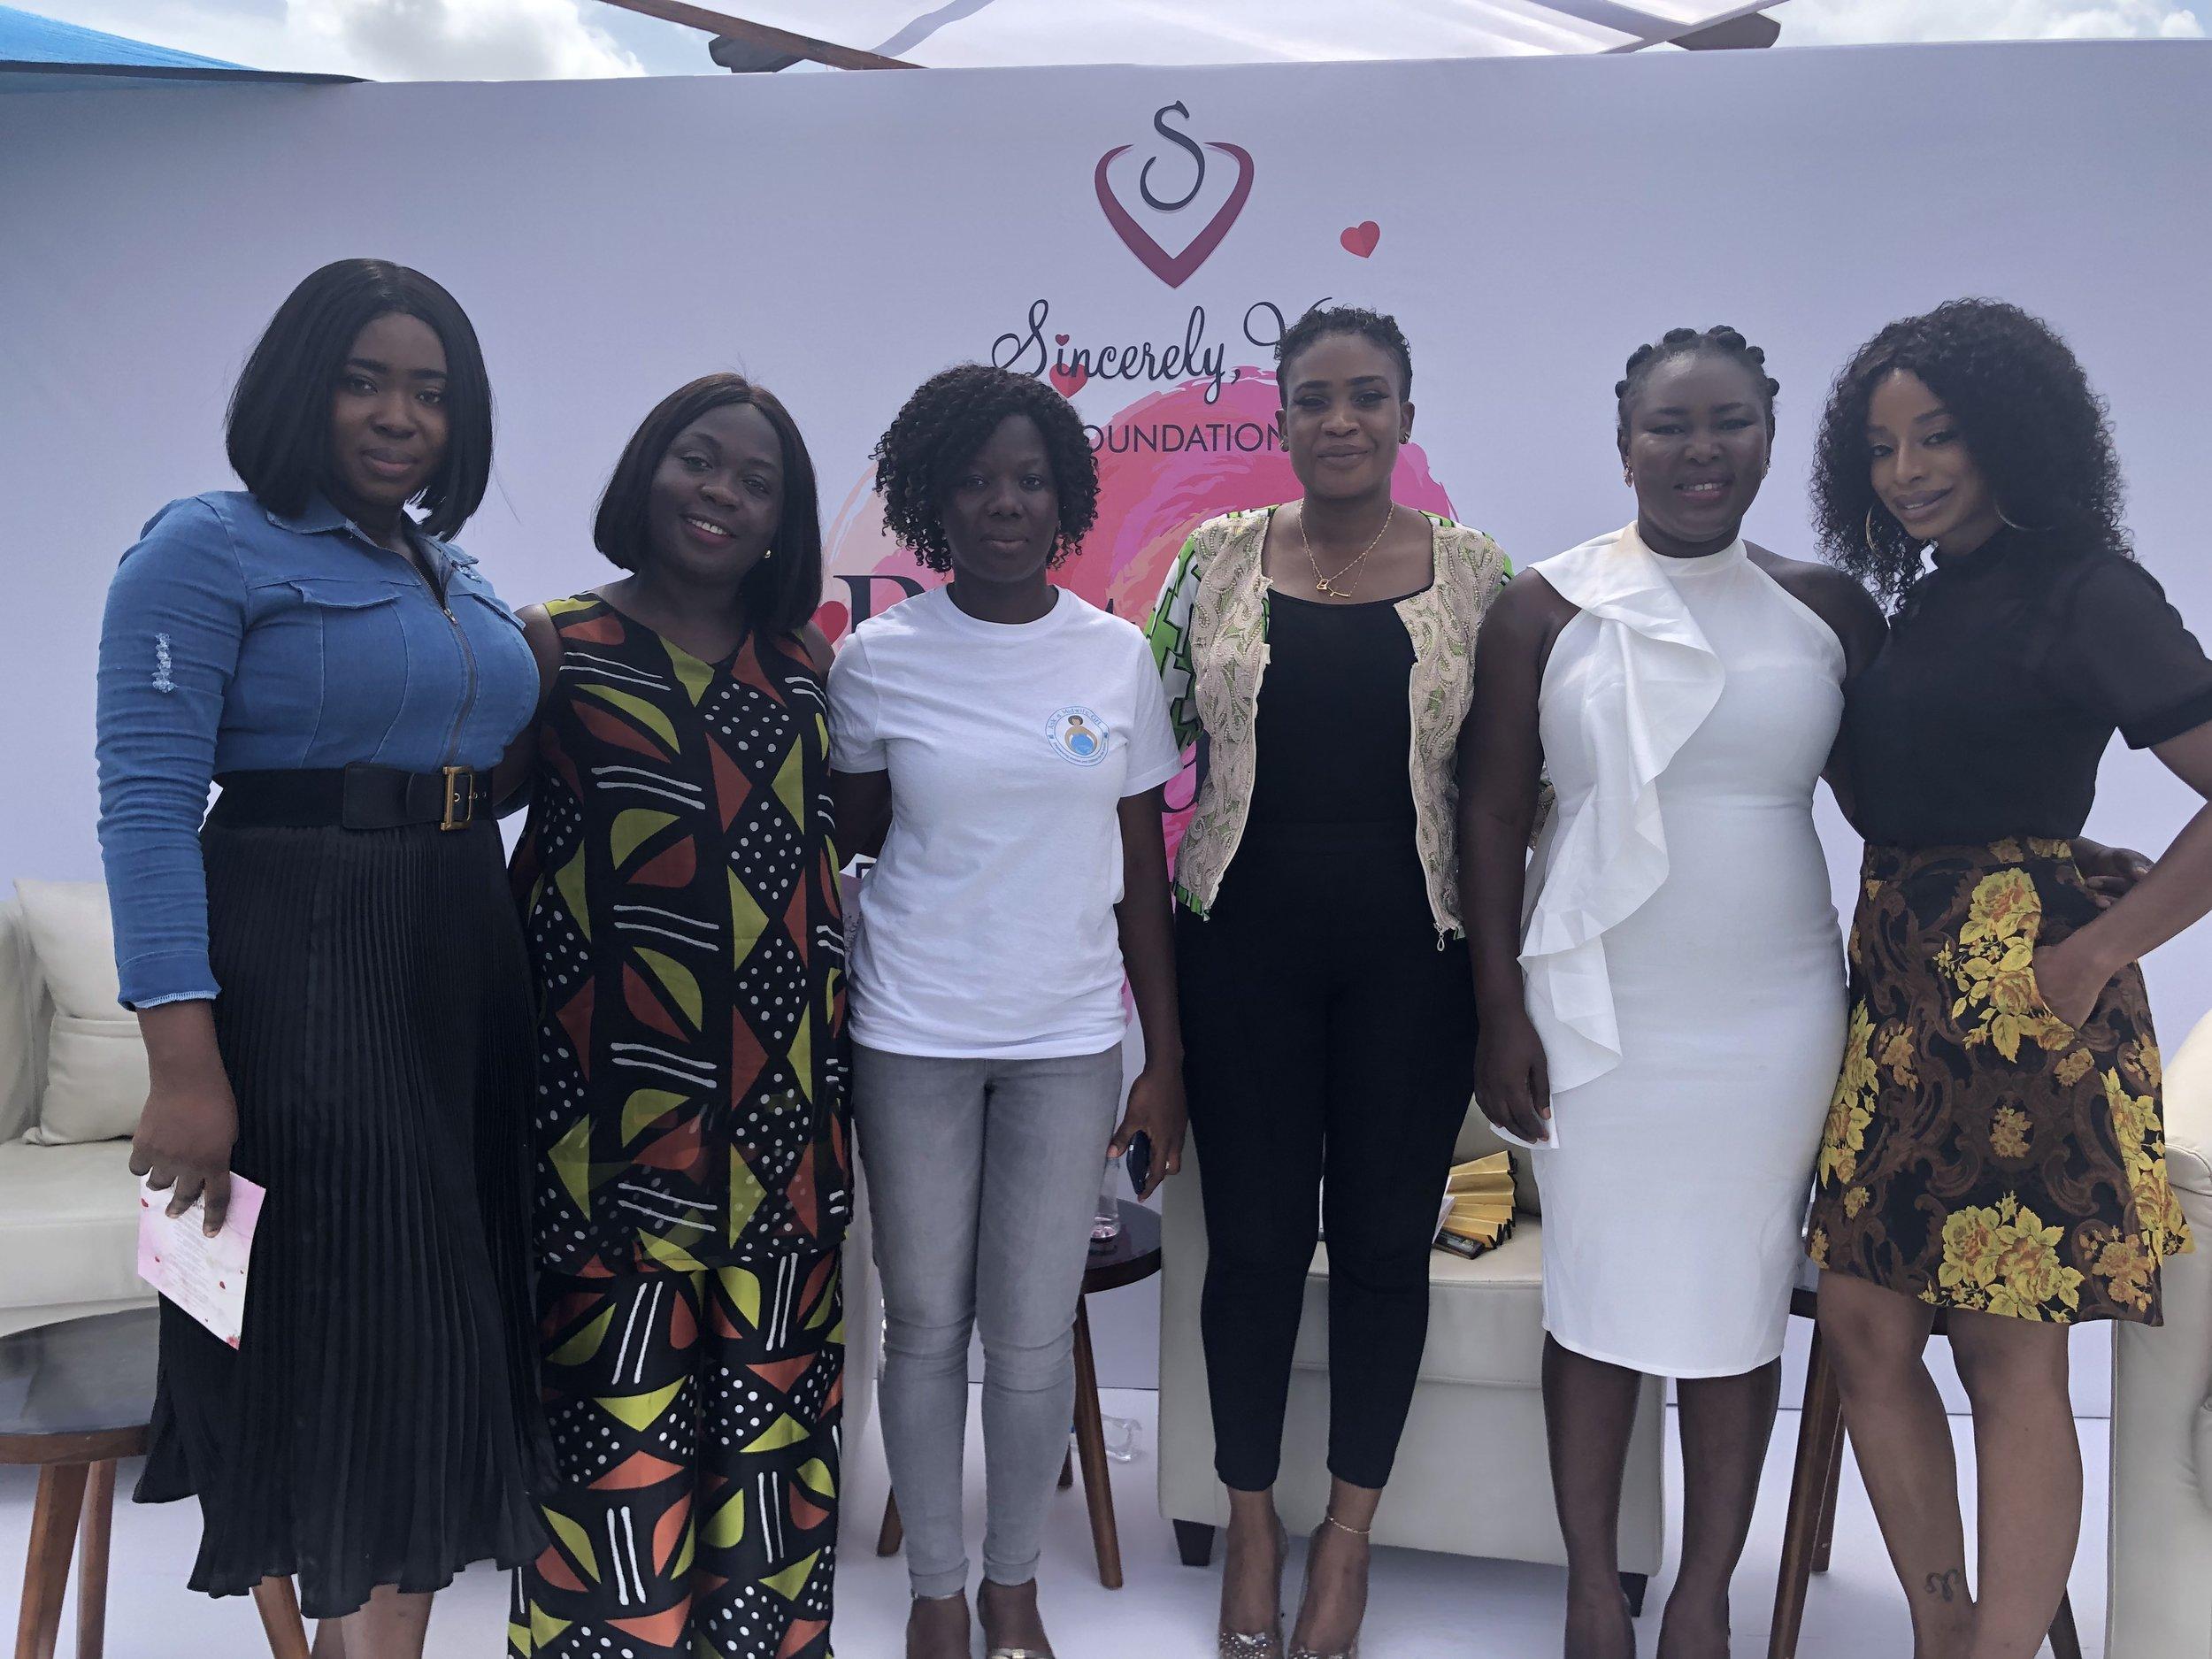 Nana Yaa Asabea Owusu, Akosua Poku, Cecilia Johnson, Victoria Naashika Quaye, Fati Shaibu-Ali, Vanessa Gyan